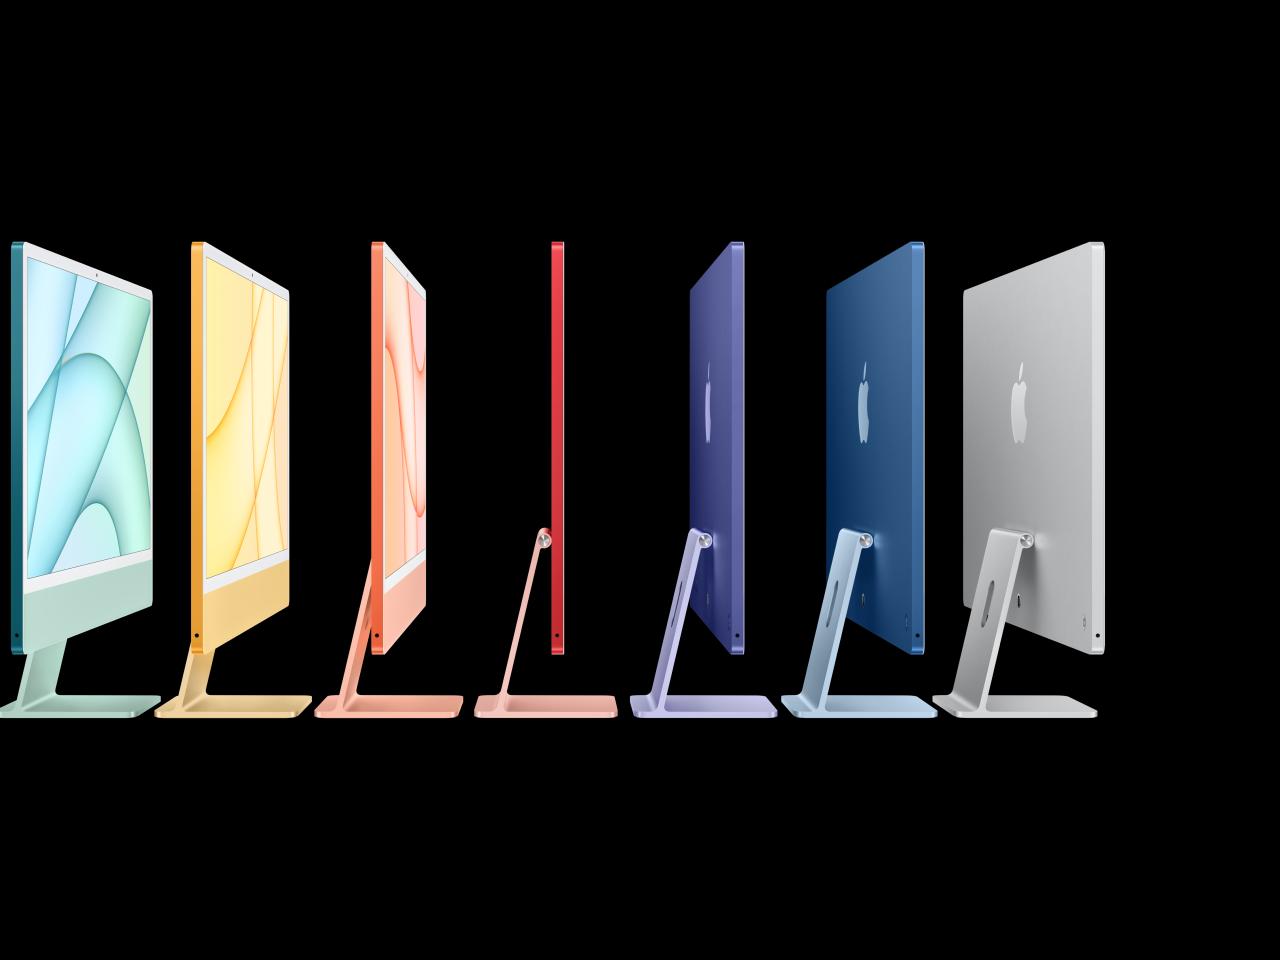 iMac. Een kleurrijk vooruitzicht.